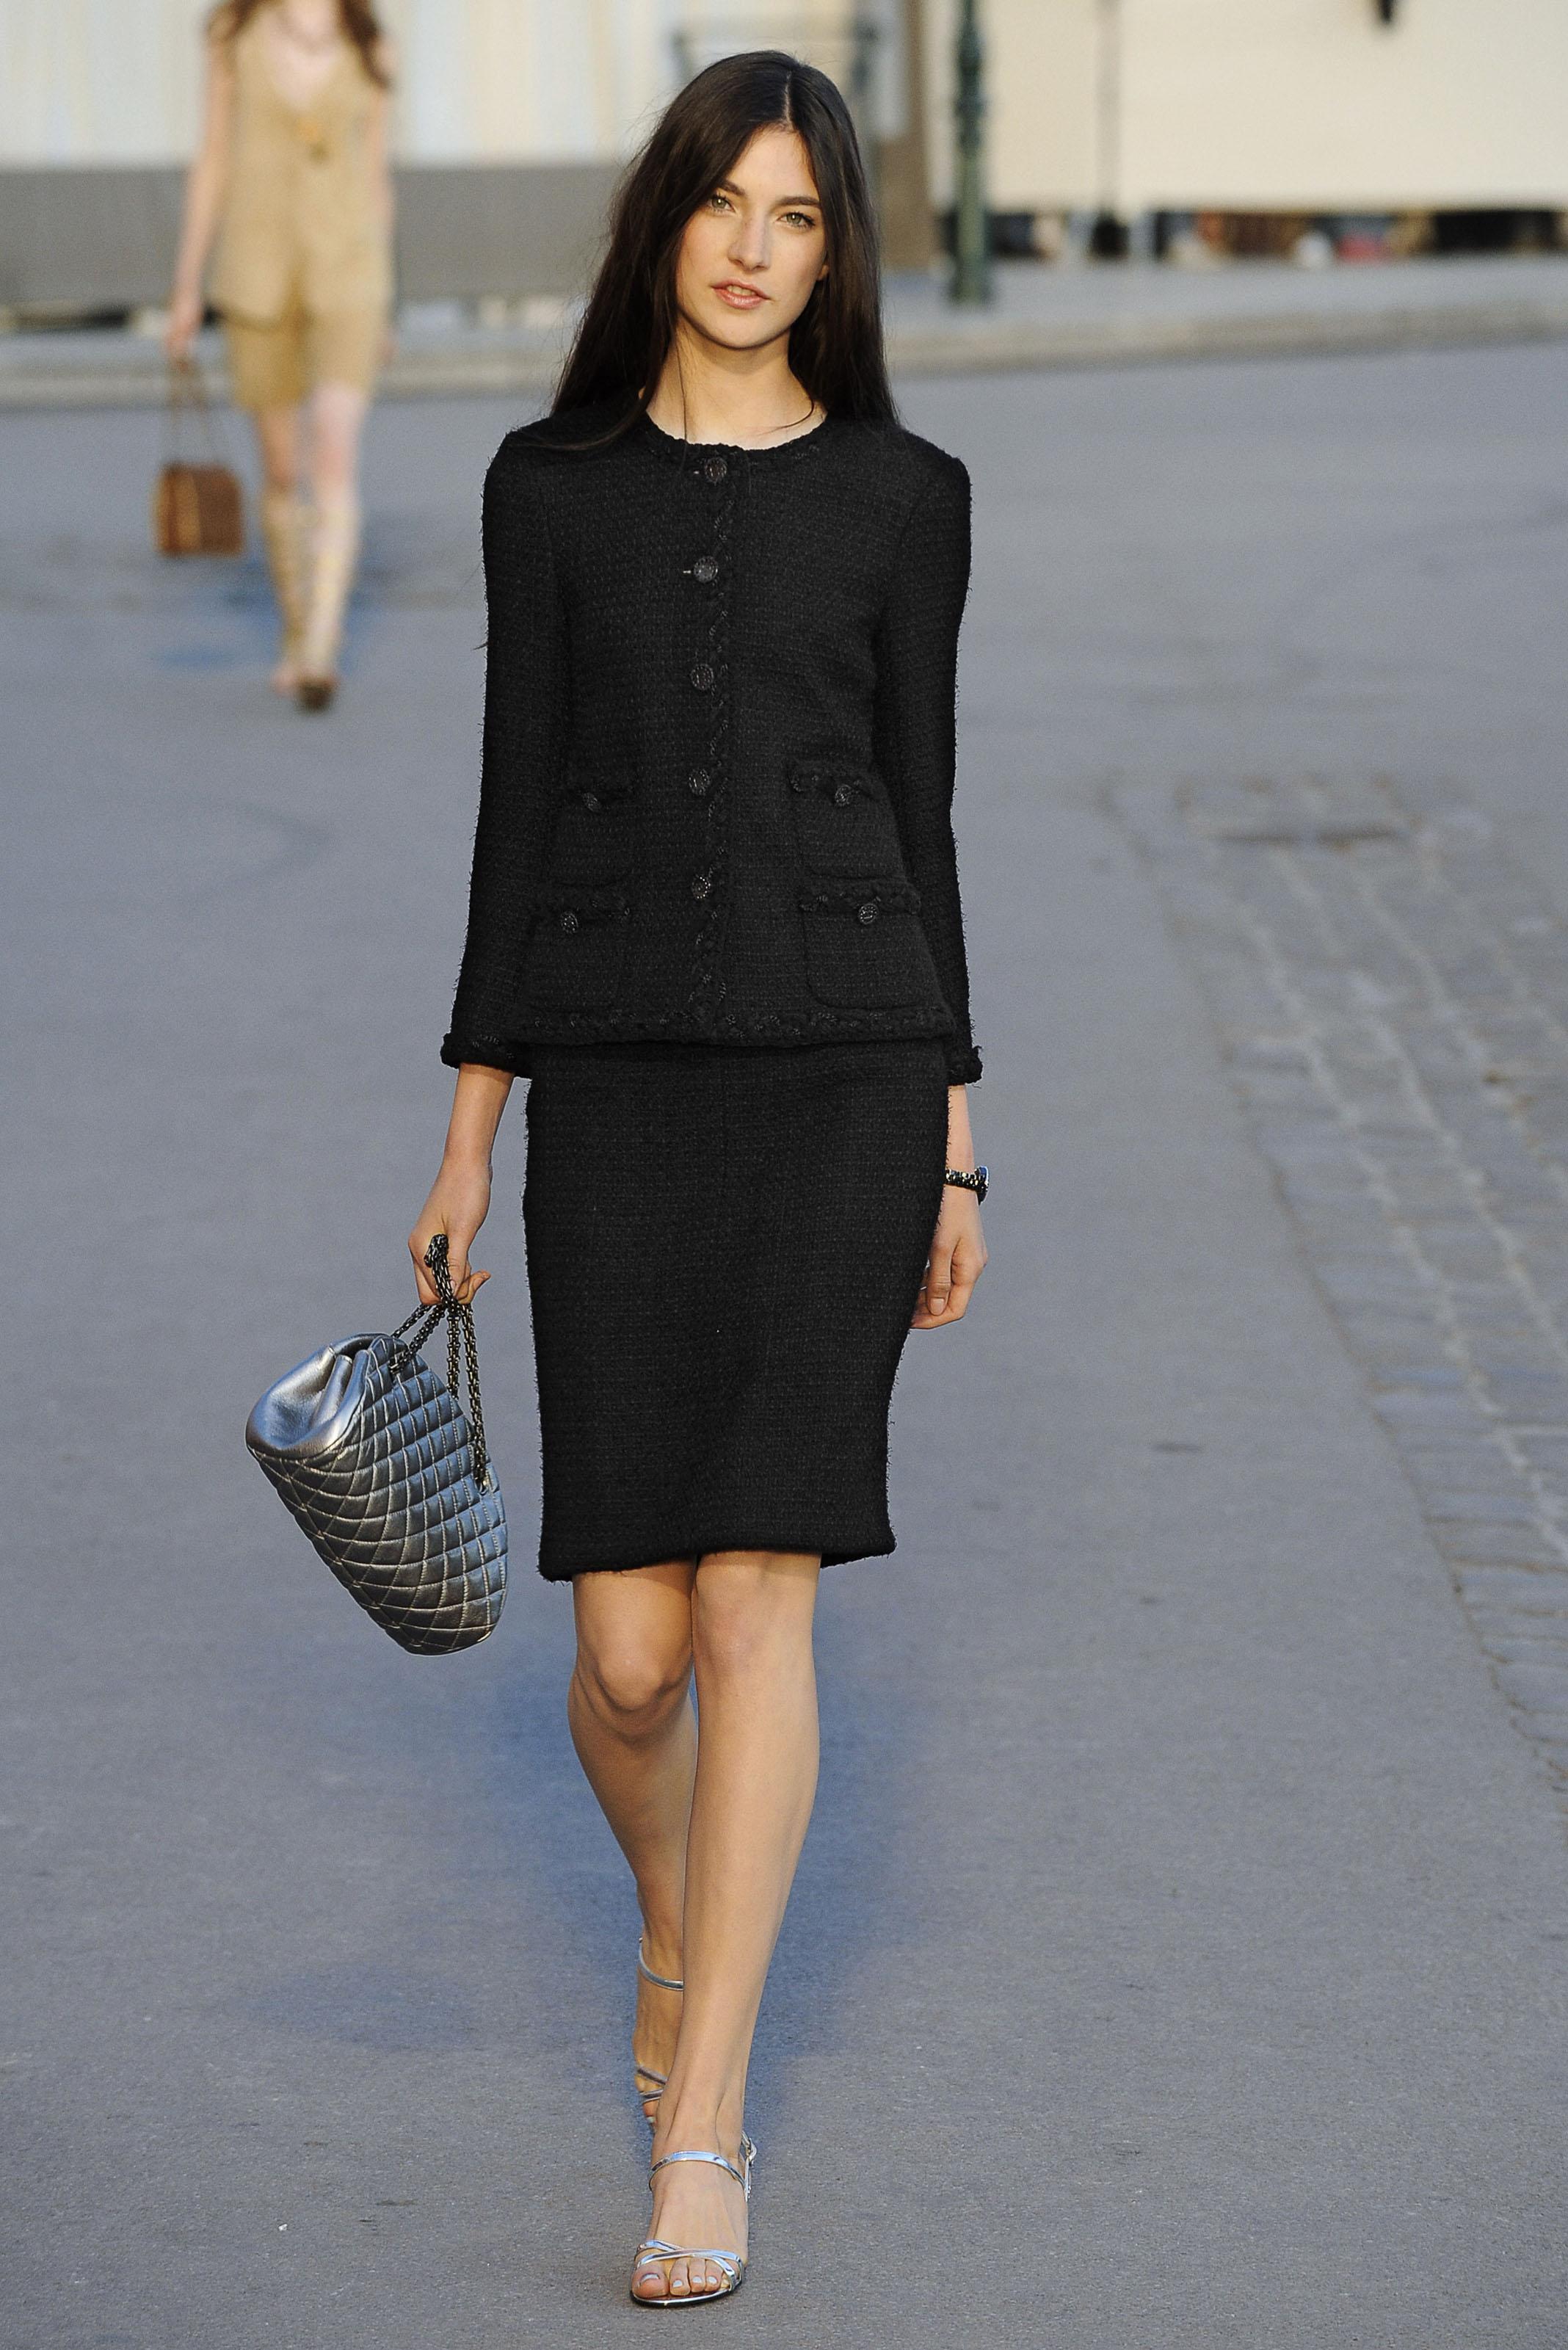 Стиль одежды Коко Шанель - фото новинки